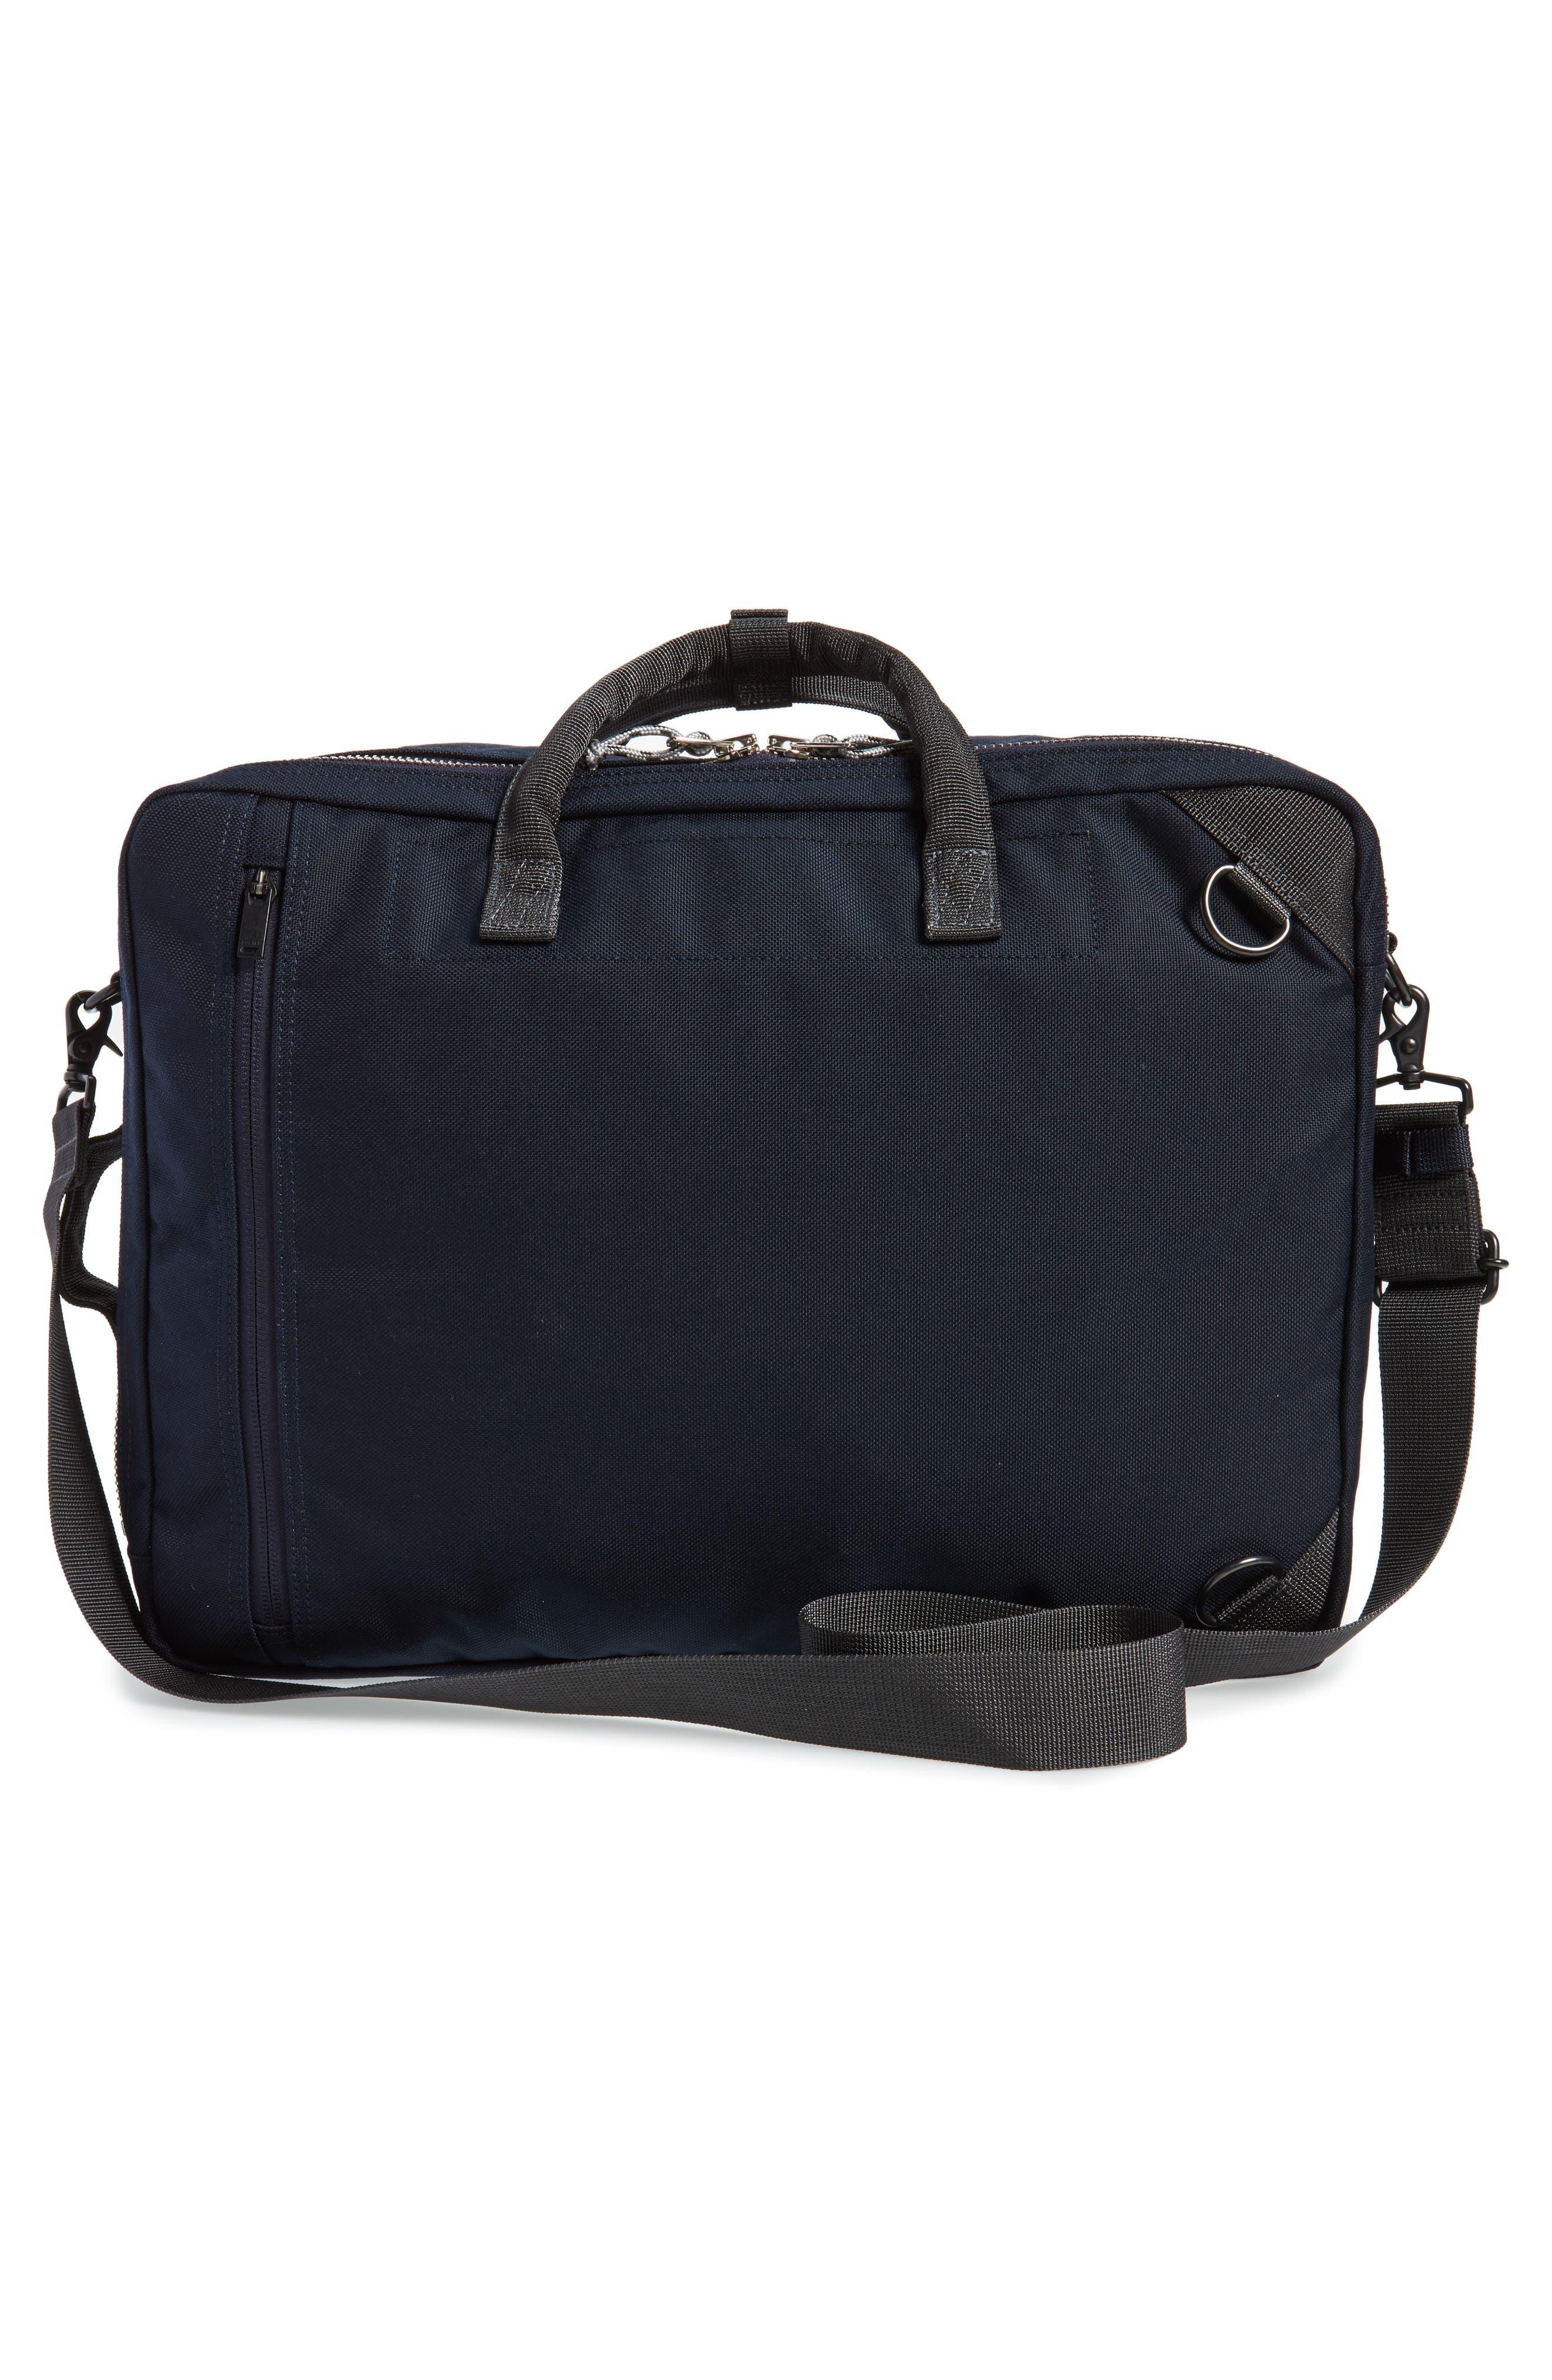 Porter-Yoshida & Co. Hype Convertible Briefcase,                             Alternate thumbnail 3, color,                             Navy/ Black